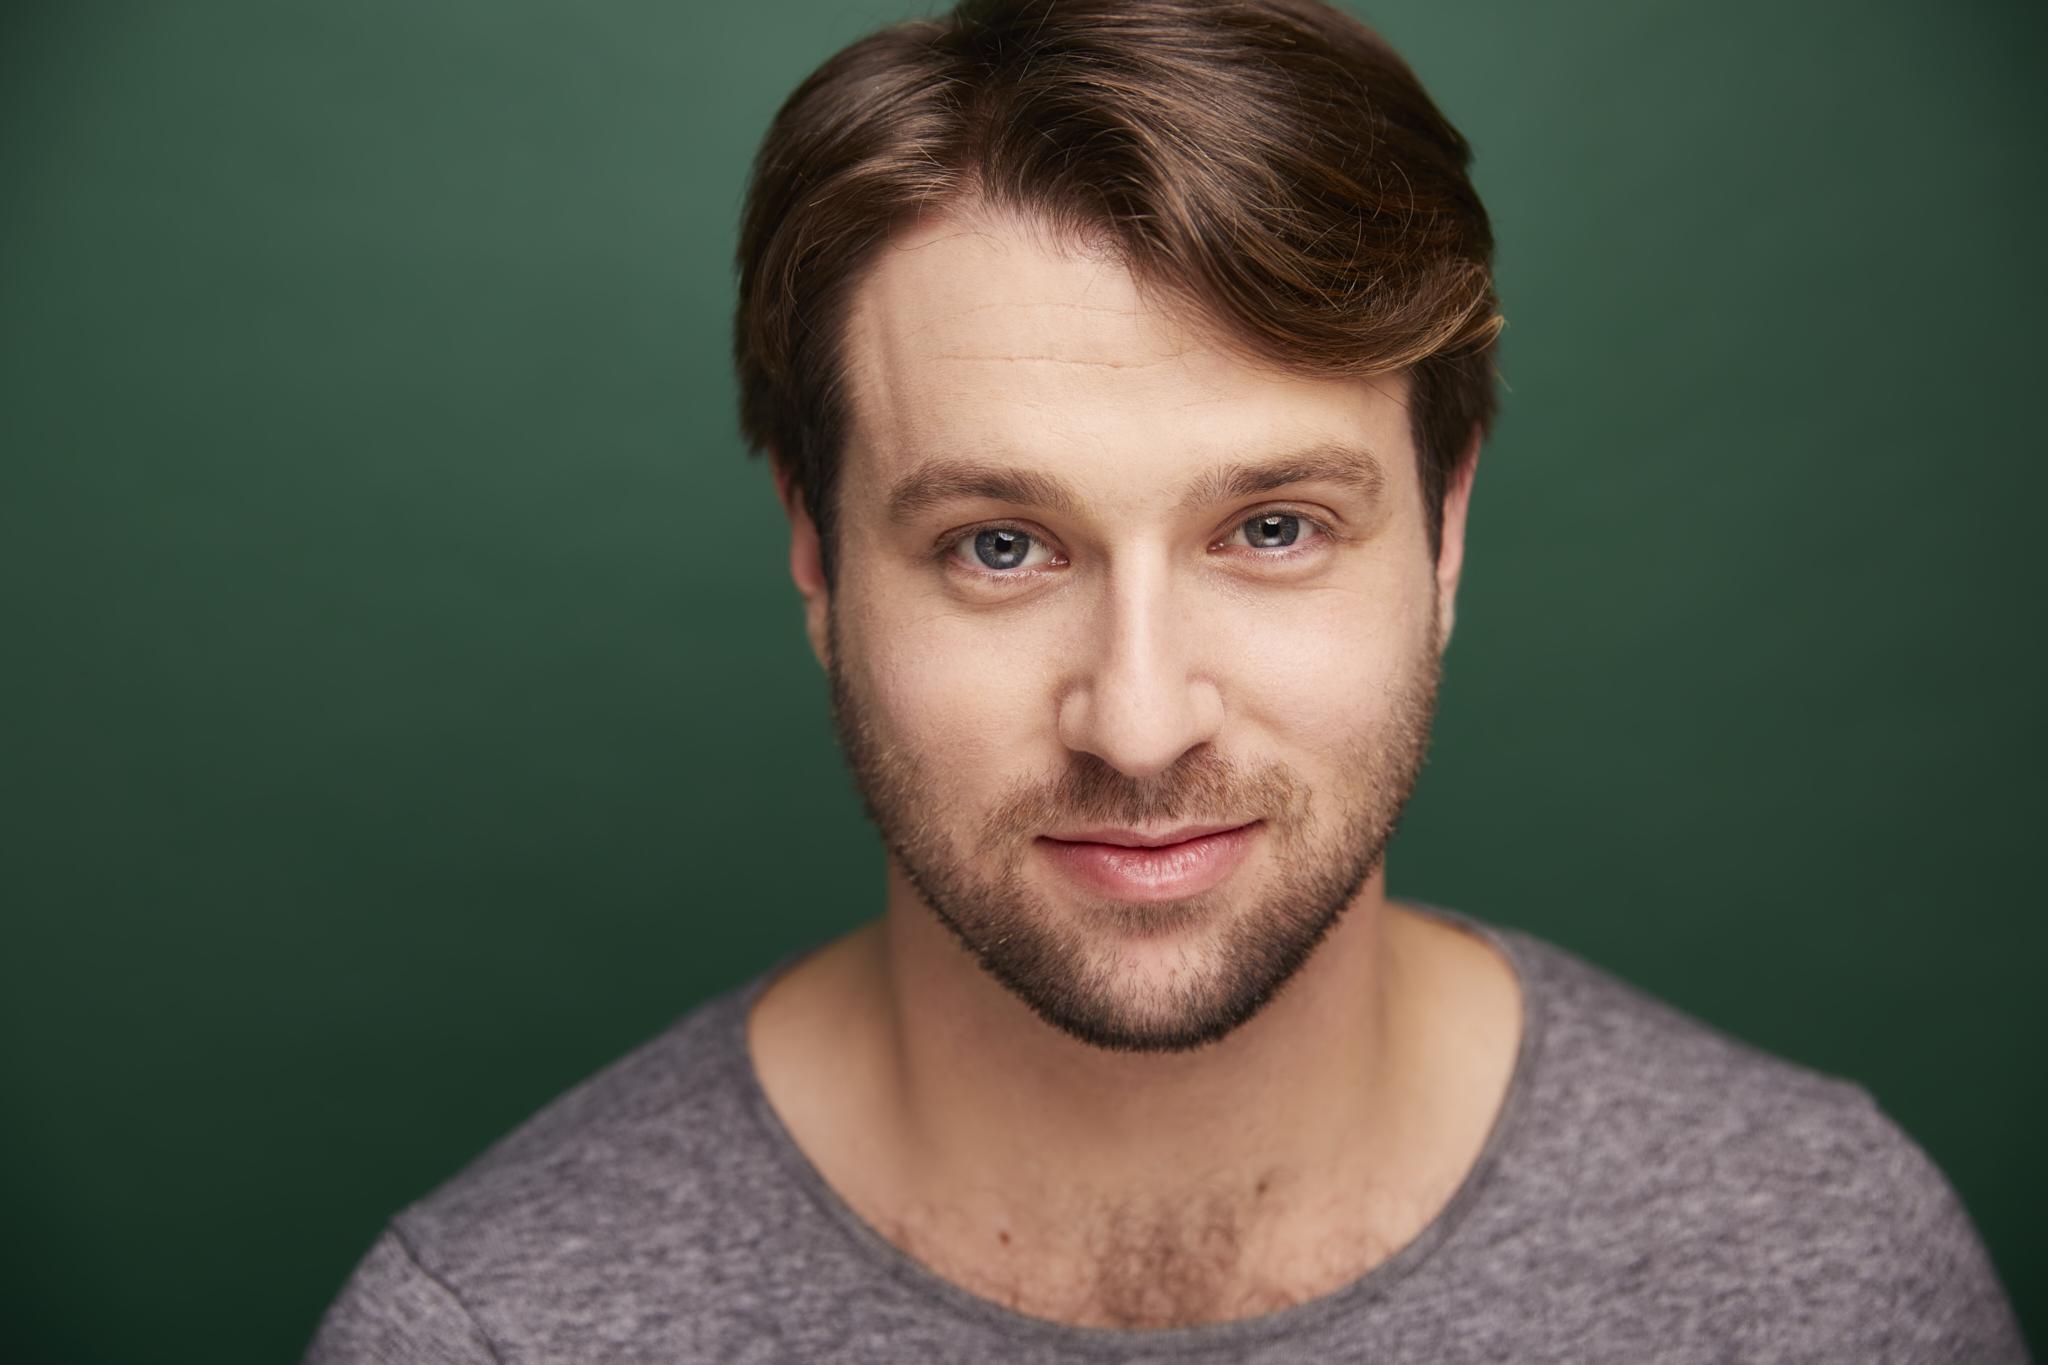 Zachary Spiegel Broadway Best Vocal Coach Matt Farnsworth Vocal Studio Best Voice Teacher in the World NY MF Voice app Singing